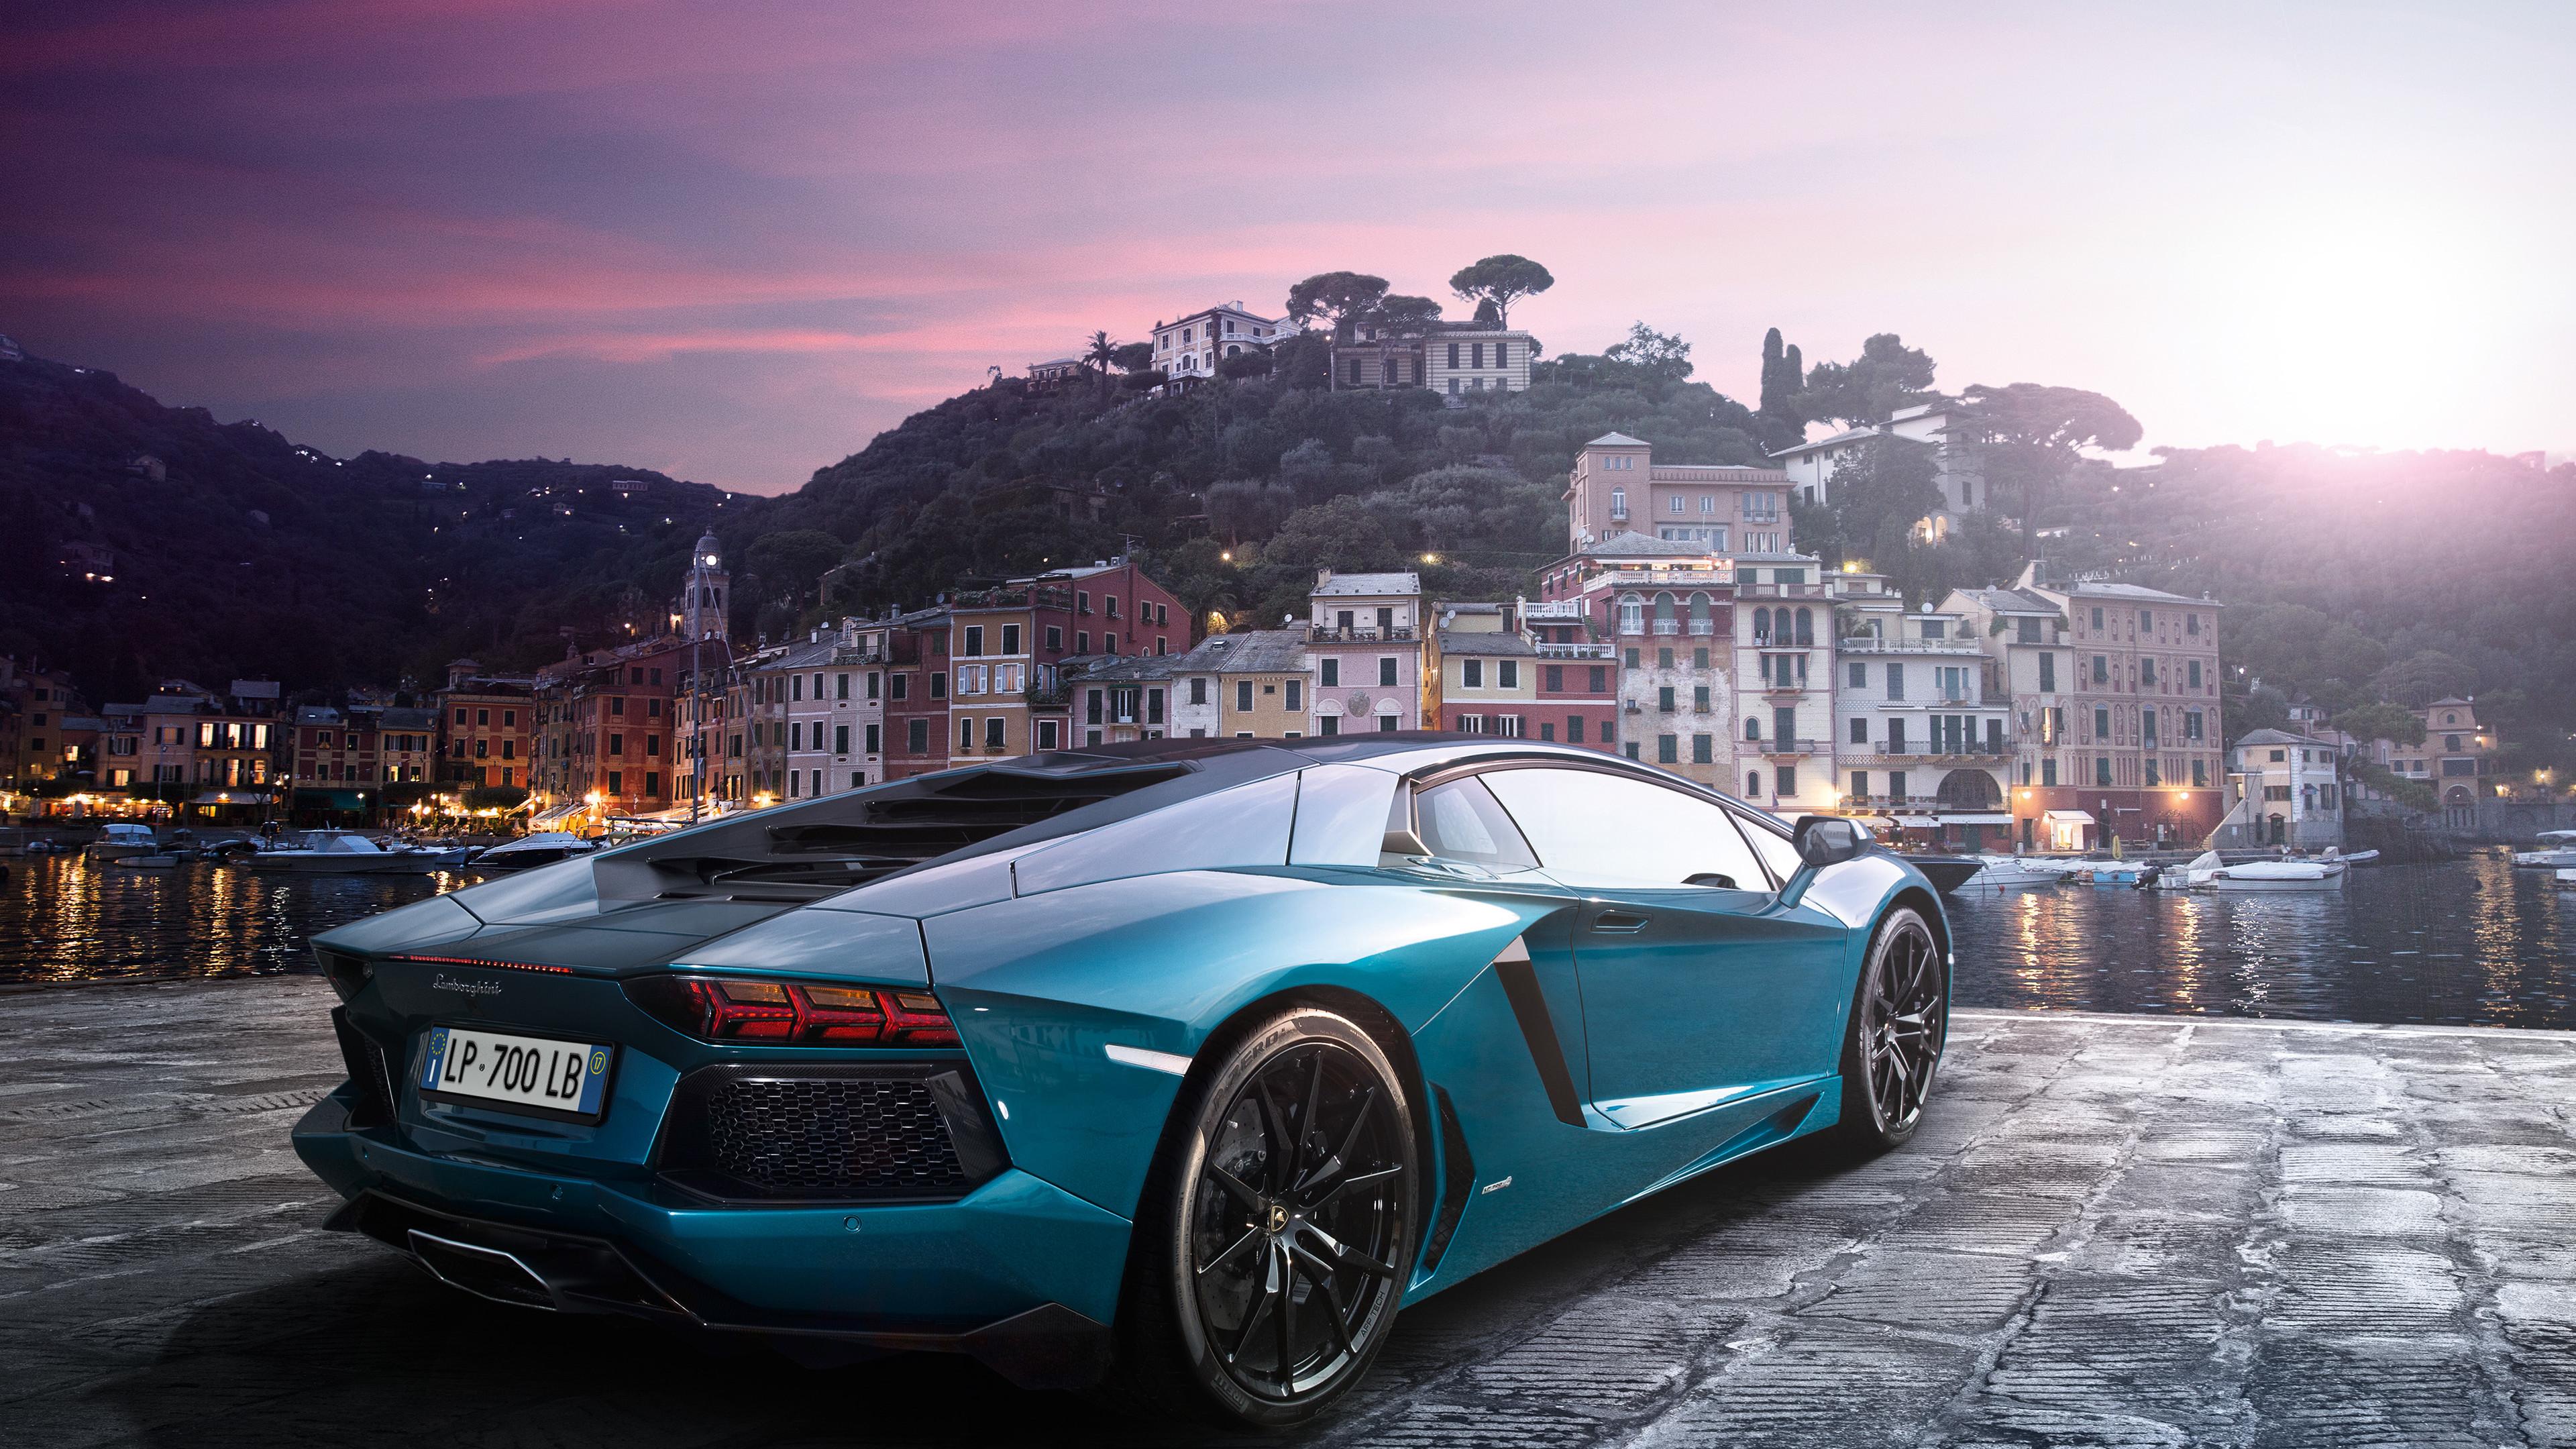 2048x2048 2018 Lamborghini Aventador Svj 4k Ipad Air Hd 4k: Sea Green Lamborghini Aventador 4k Lamborghini Wallpapers